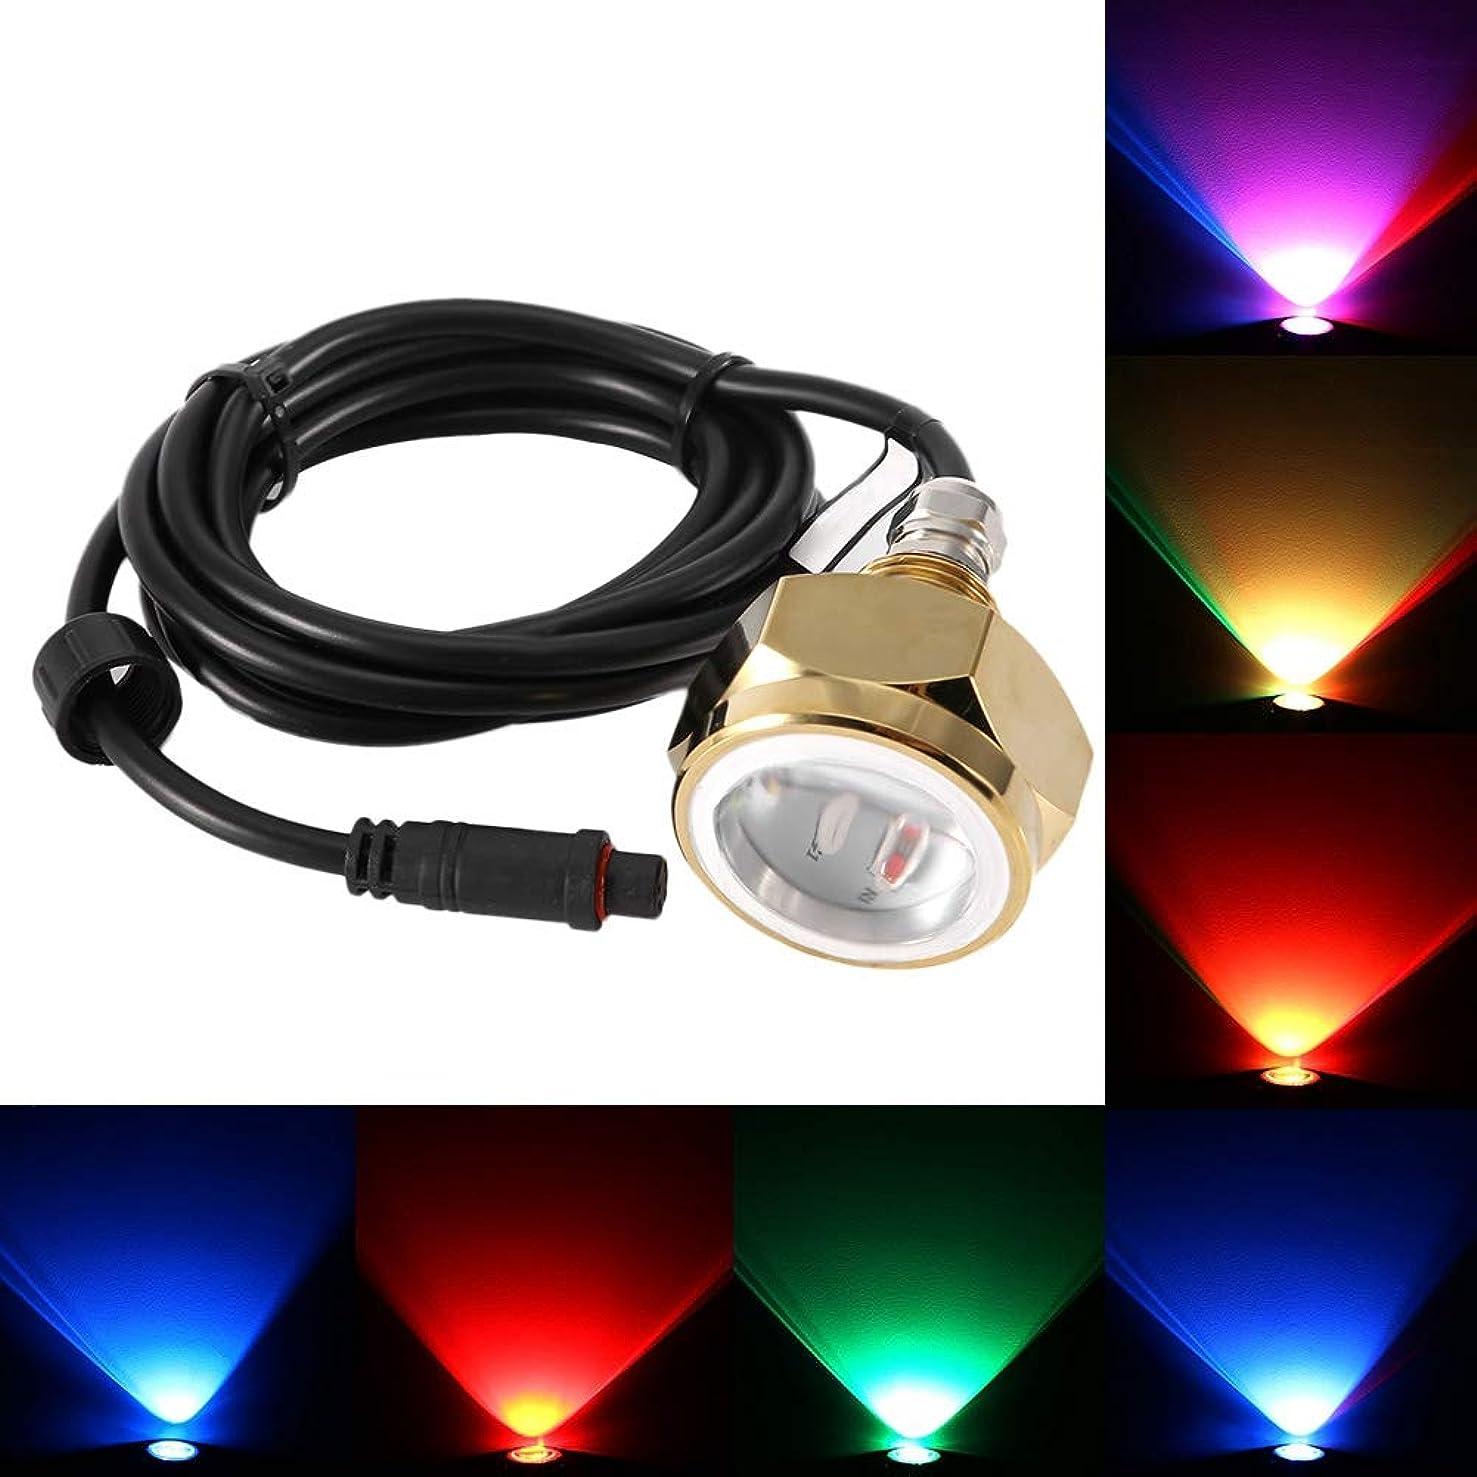 コスト溶かす実証するYosooo ボート 水中ライト 27W 9 LED RGB カラフル 海洋ヨットライト 水中 防水 ドレインランプ DC11-28V